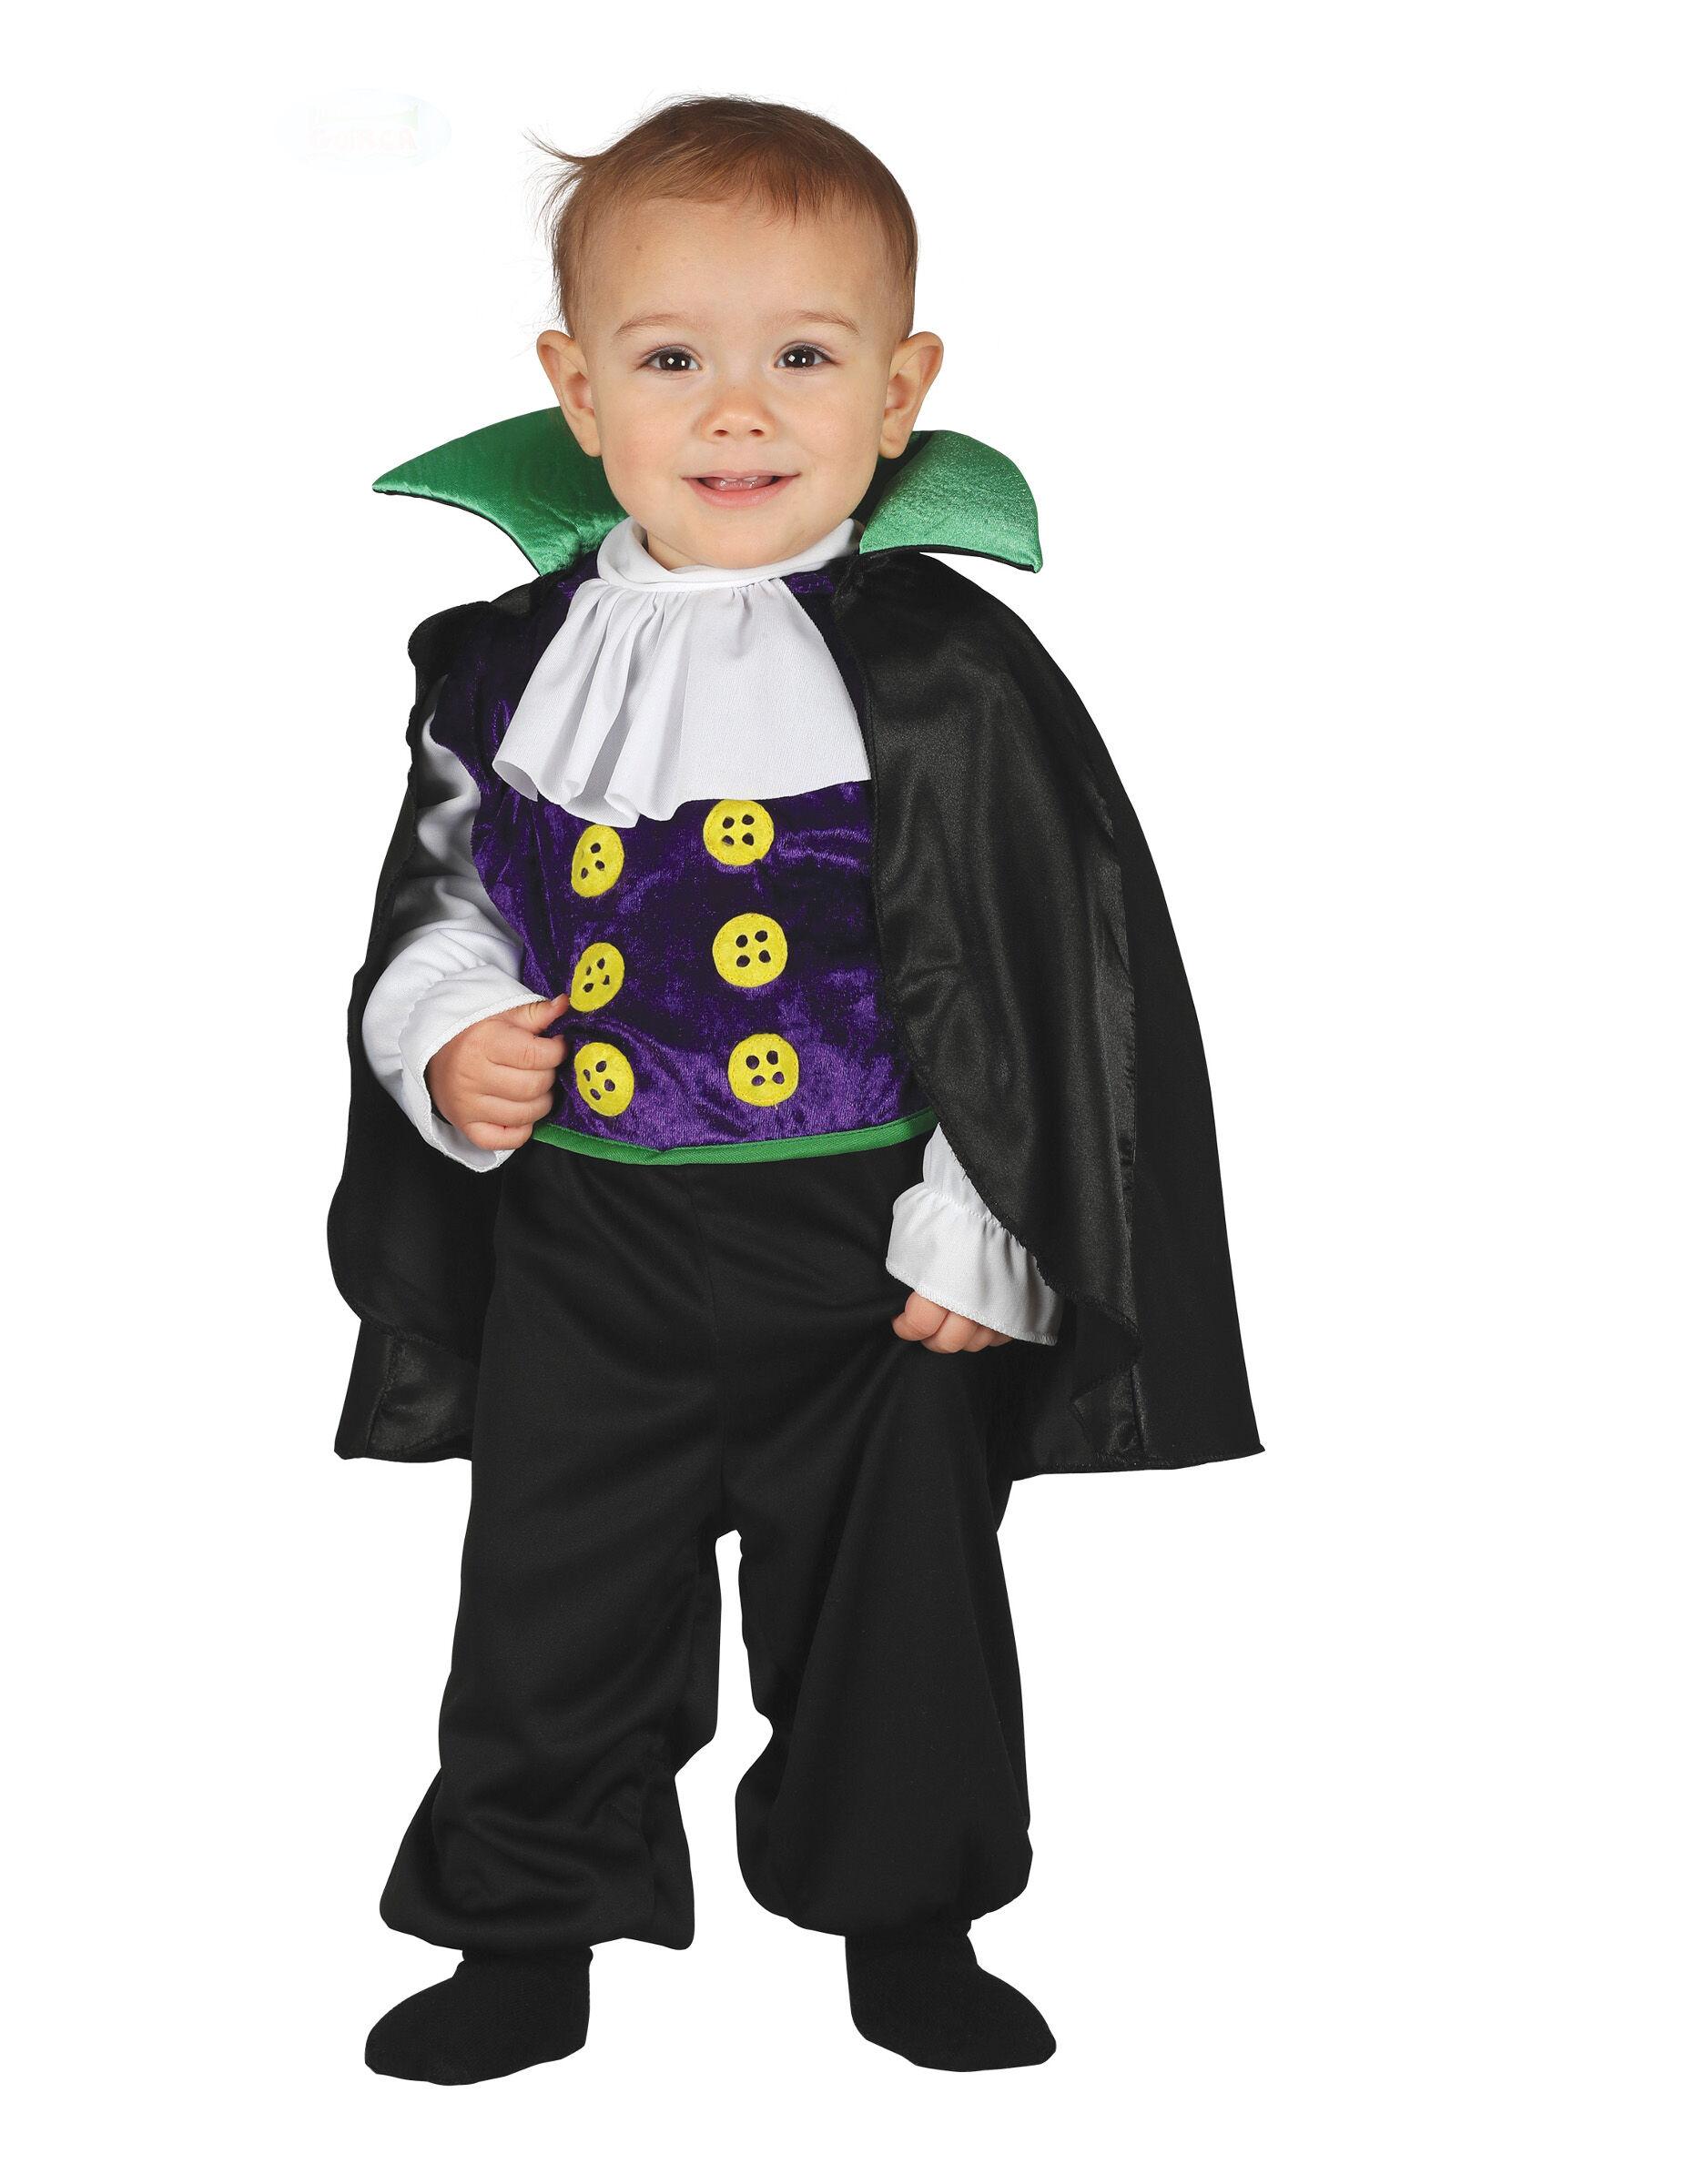 Deguisetoi Déguisement combinaison petit comte vampire bébé - Taille: 1 à 2 ans (92-93 cm)